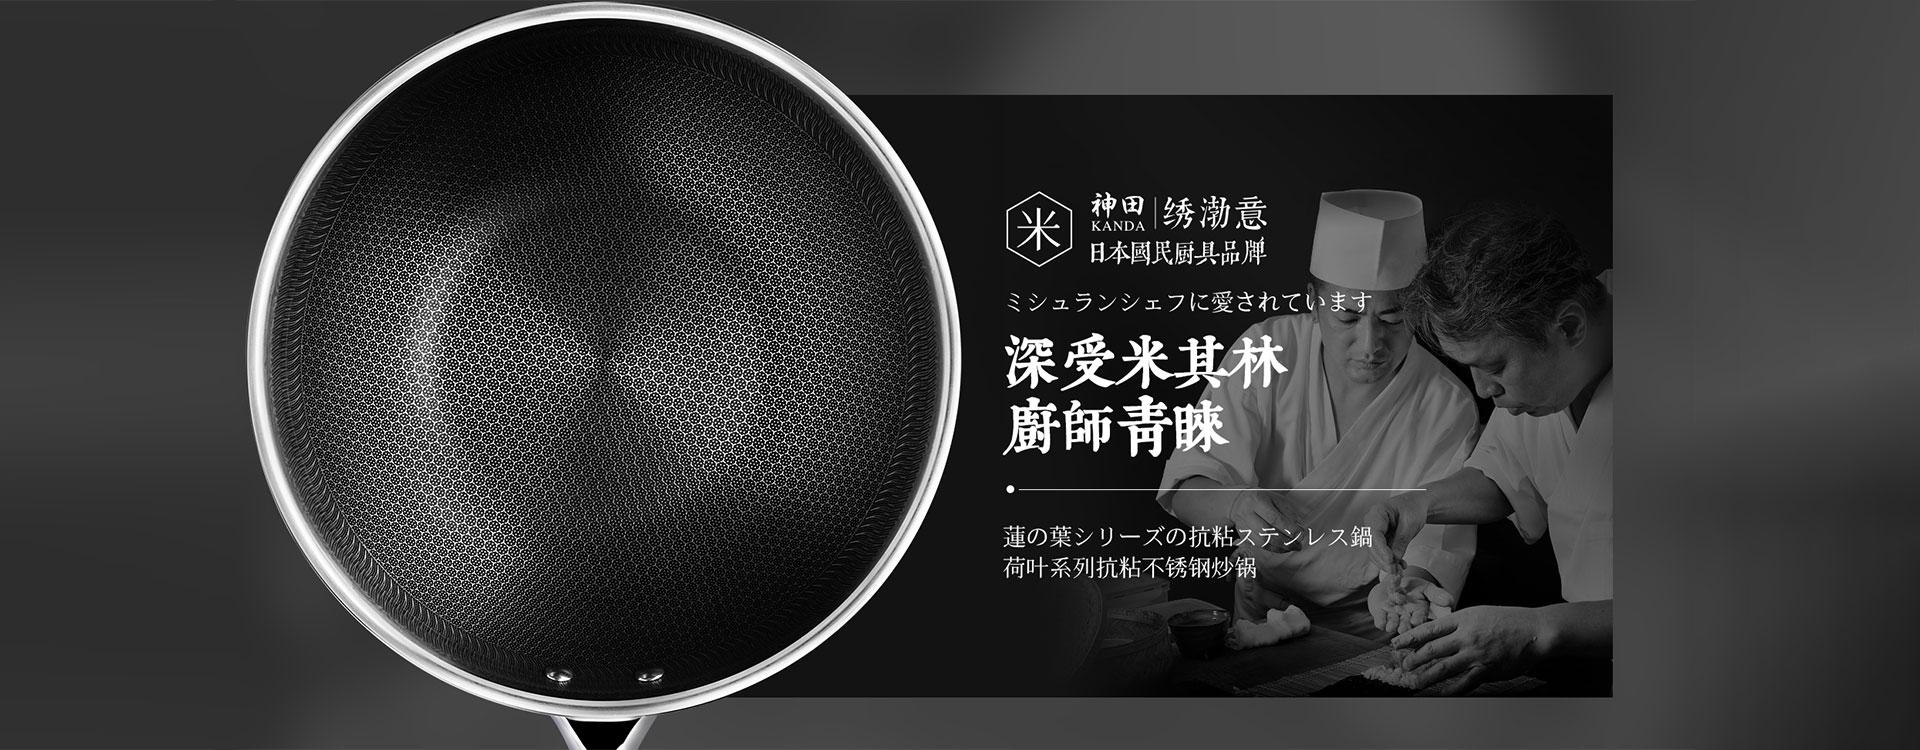 绣渤意品牌官方网站